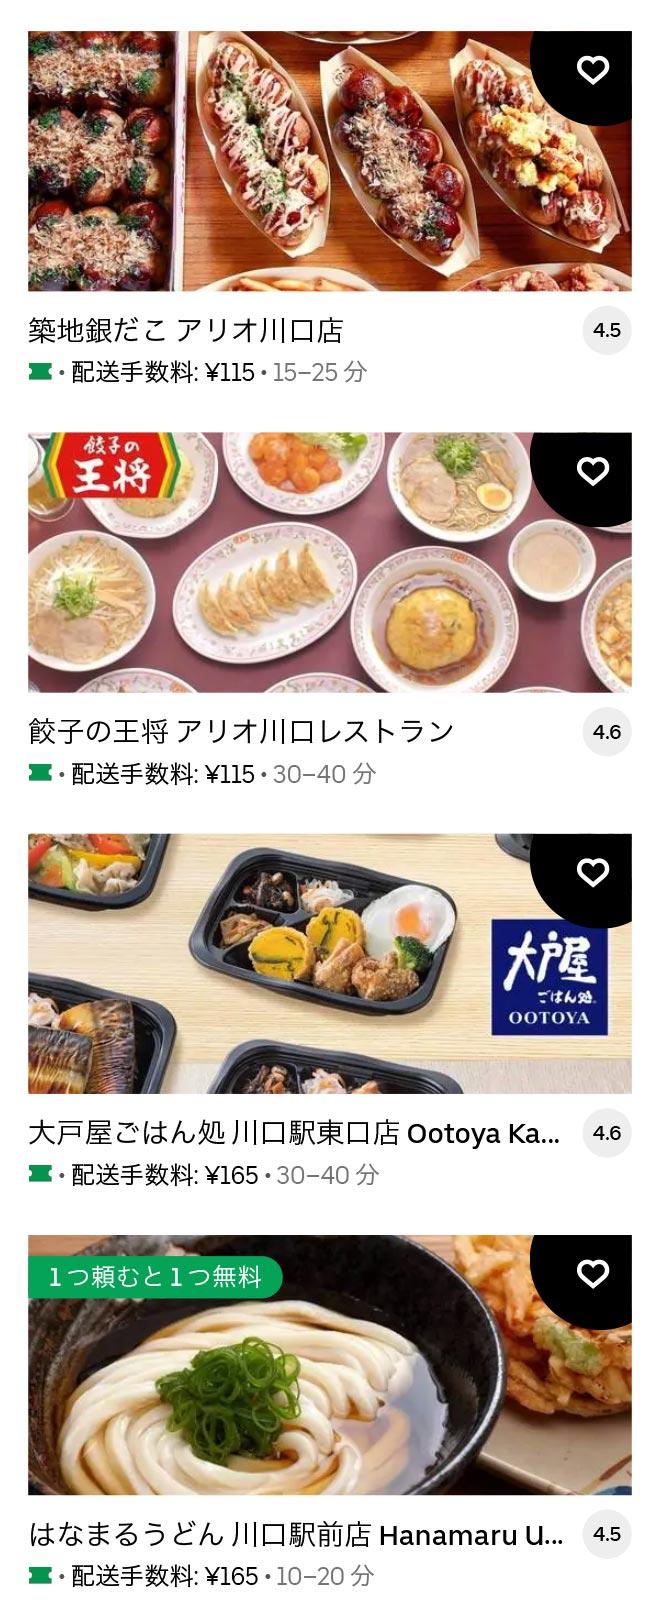 U kawaguchi 2104 03